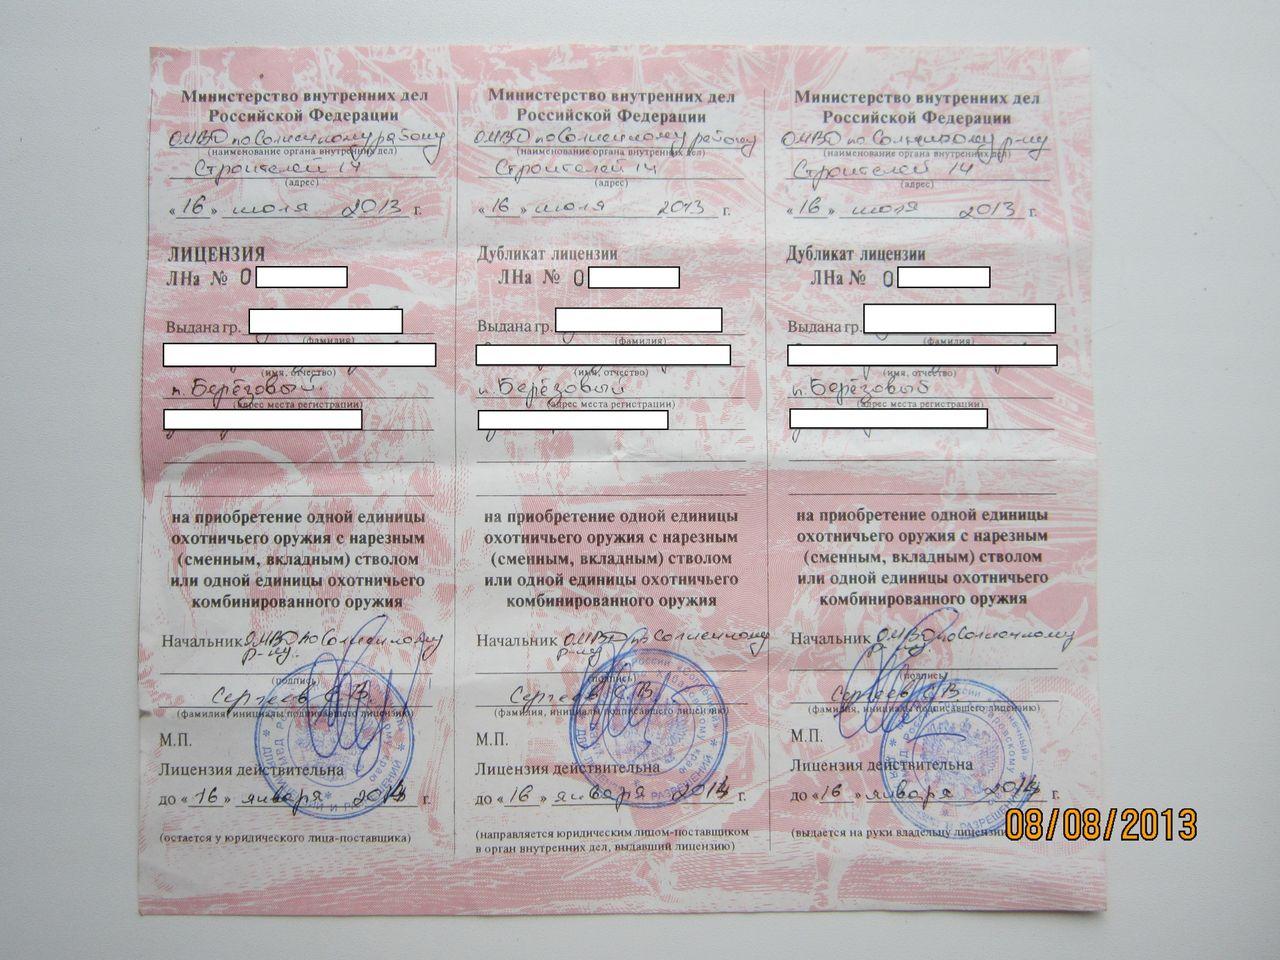 лицензия на оружие в оренбурге